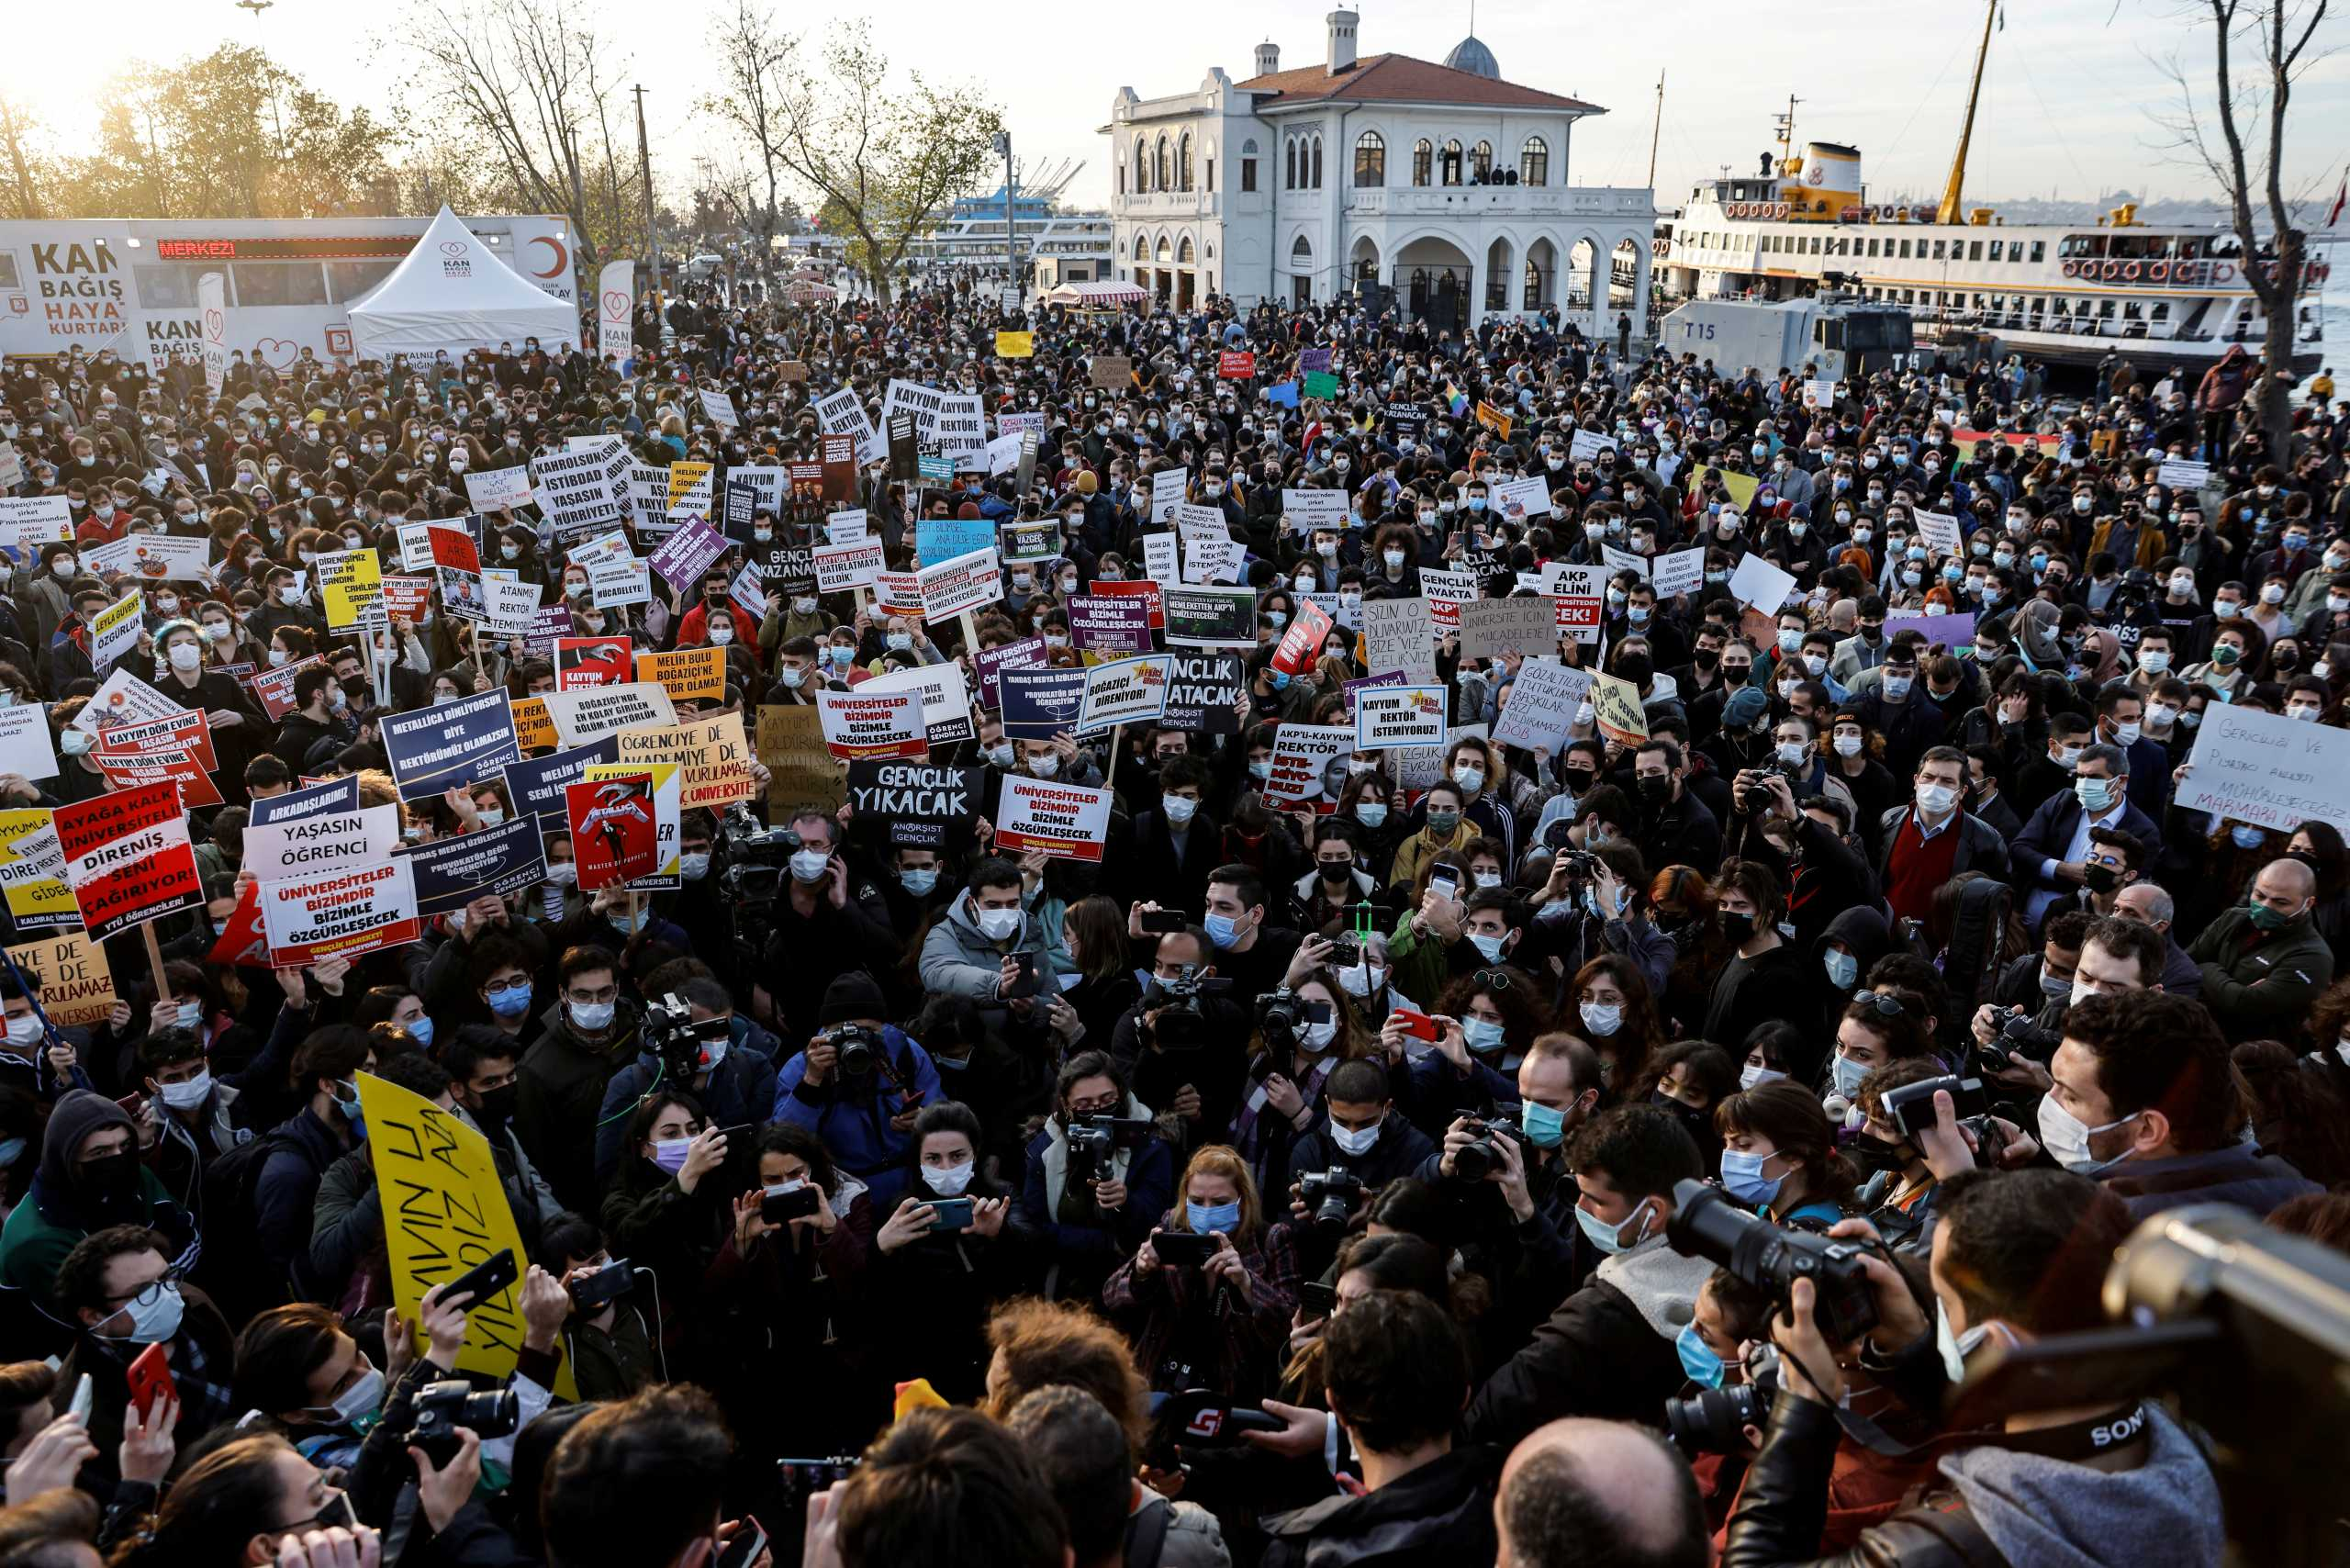 «Στριμωγμένος» για τα καλά ο Ερντογάν με τις διαδηλώσεις φοιτητών